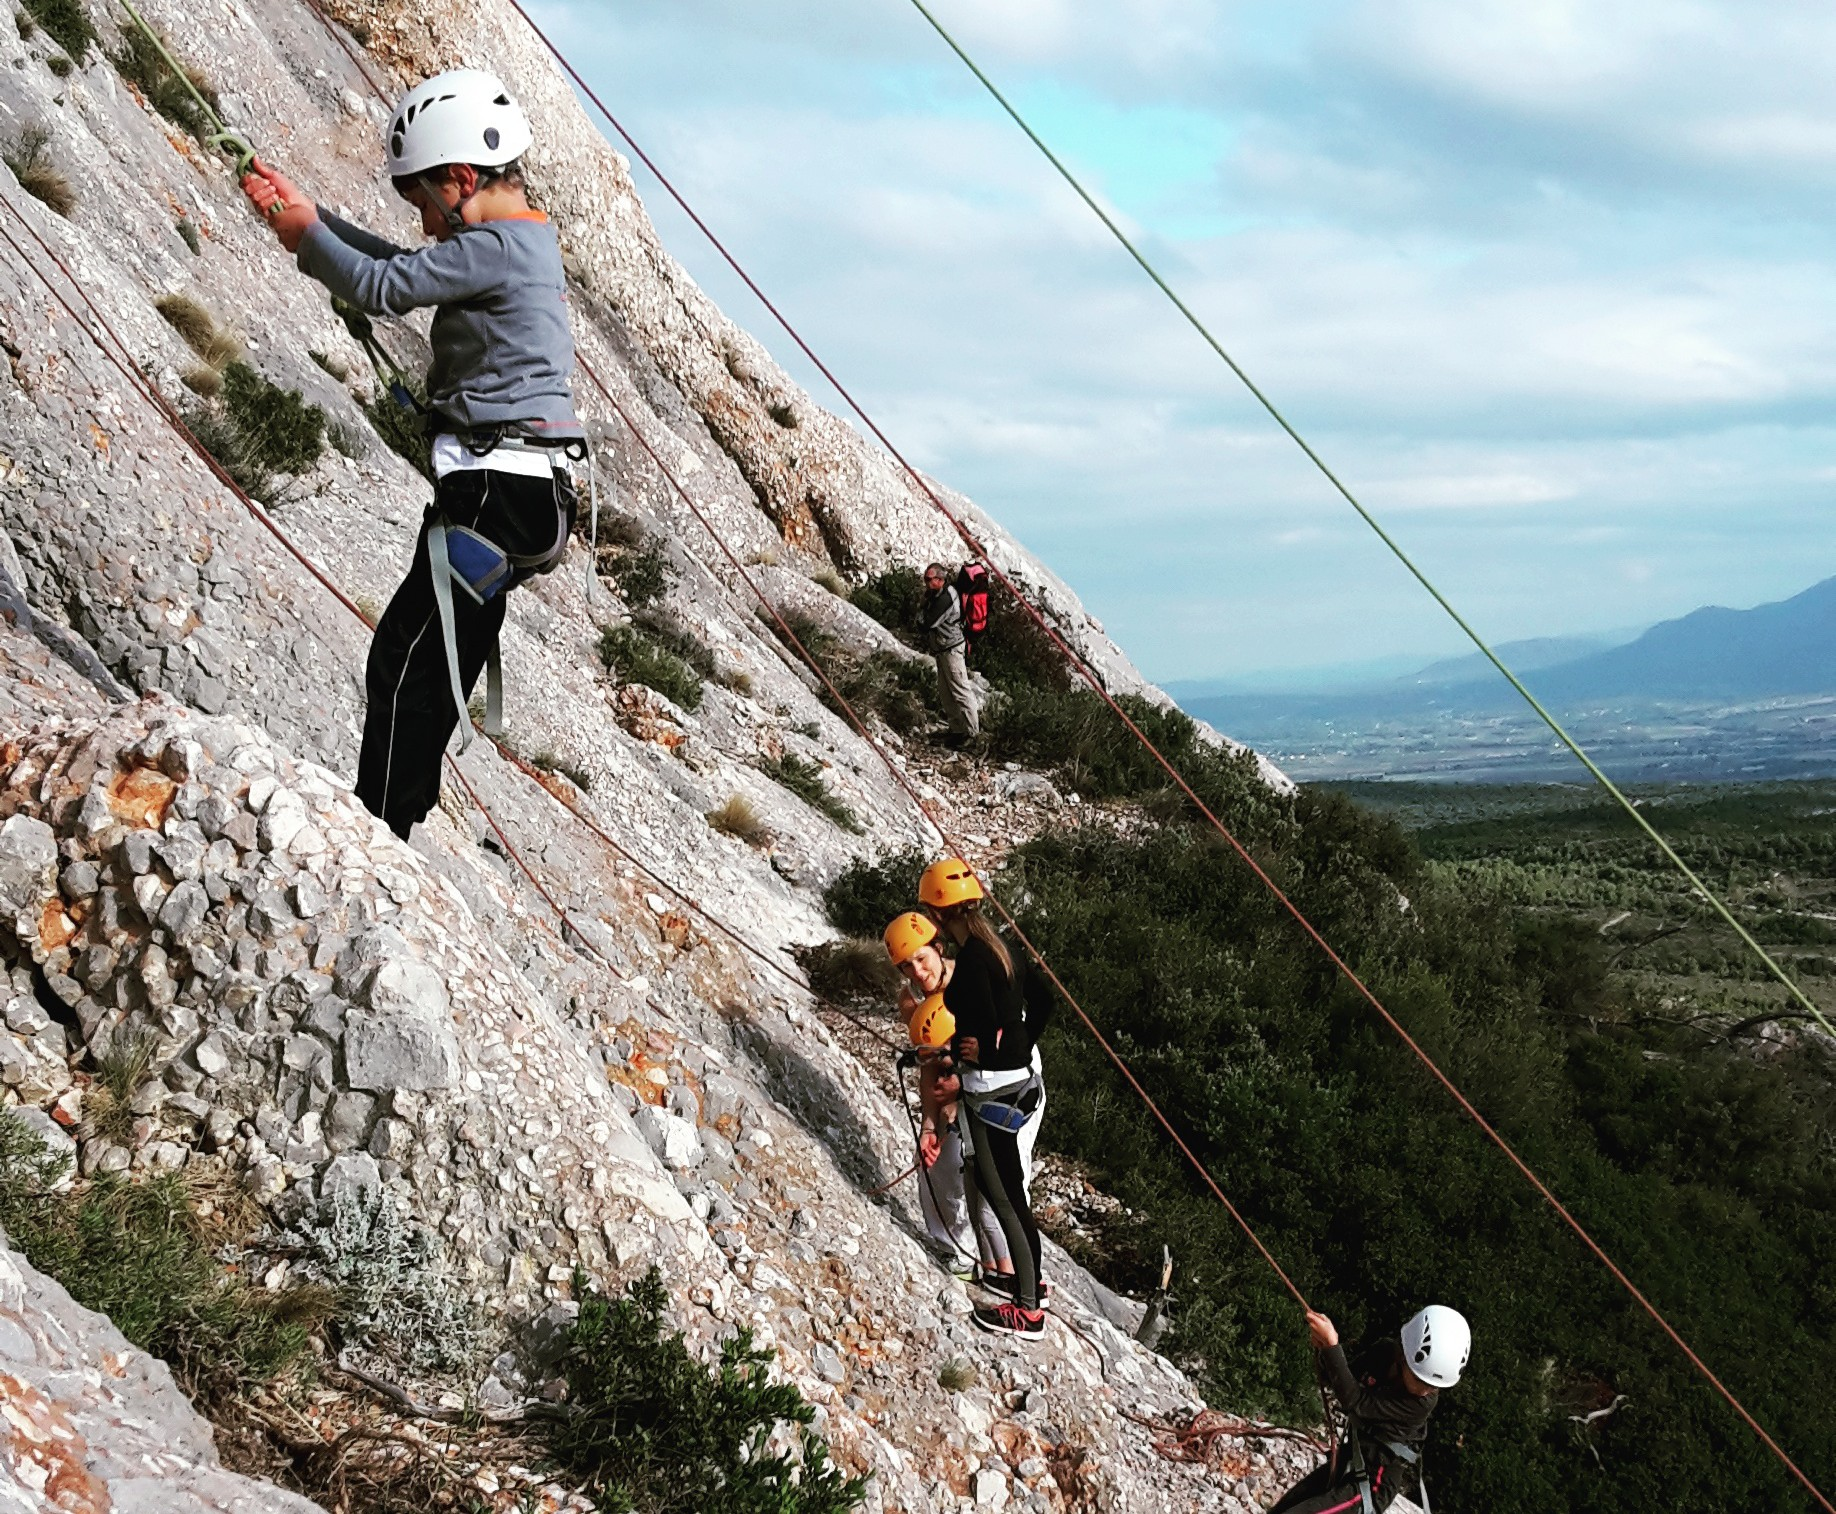 escalade-occ-2015-001-e1456996124934